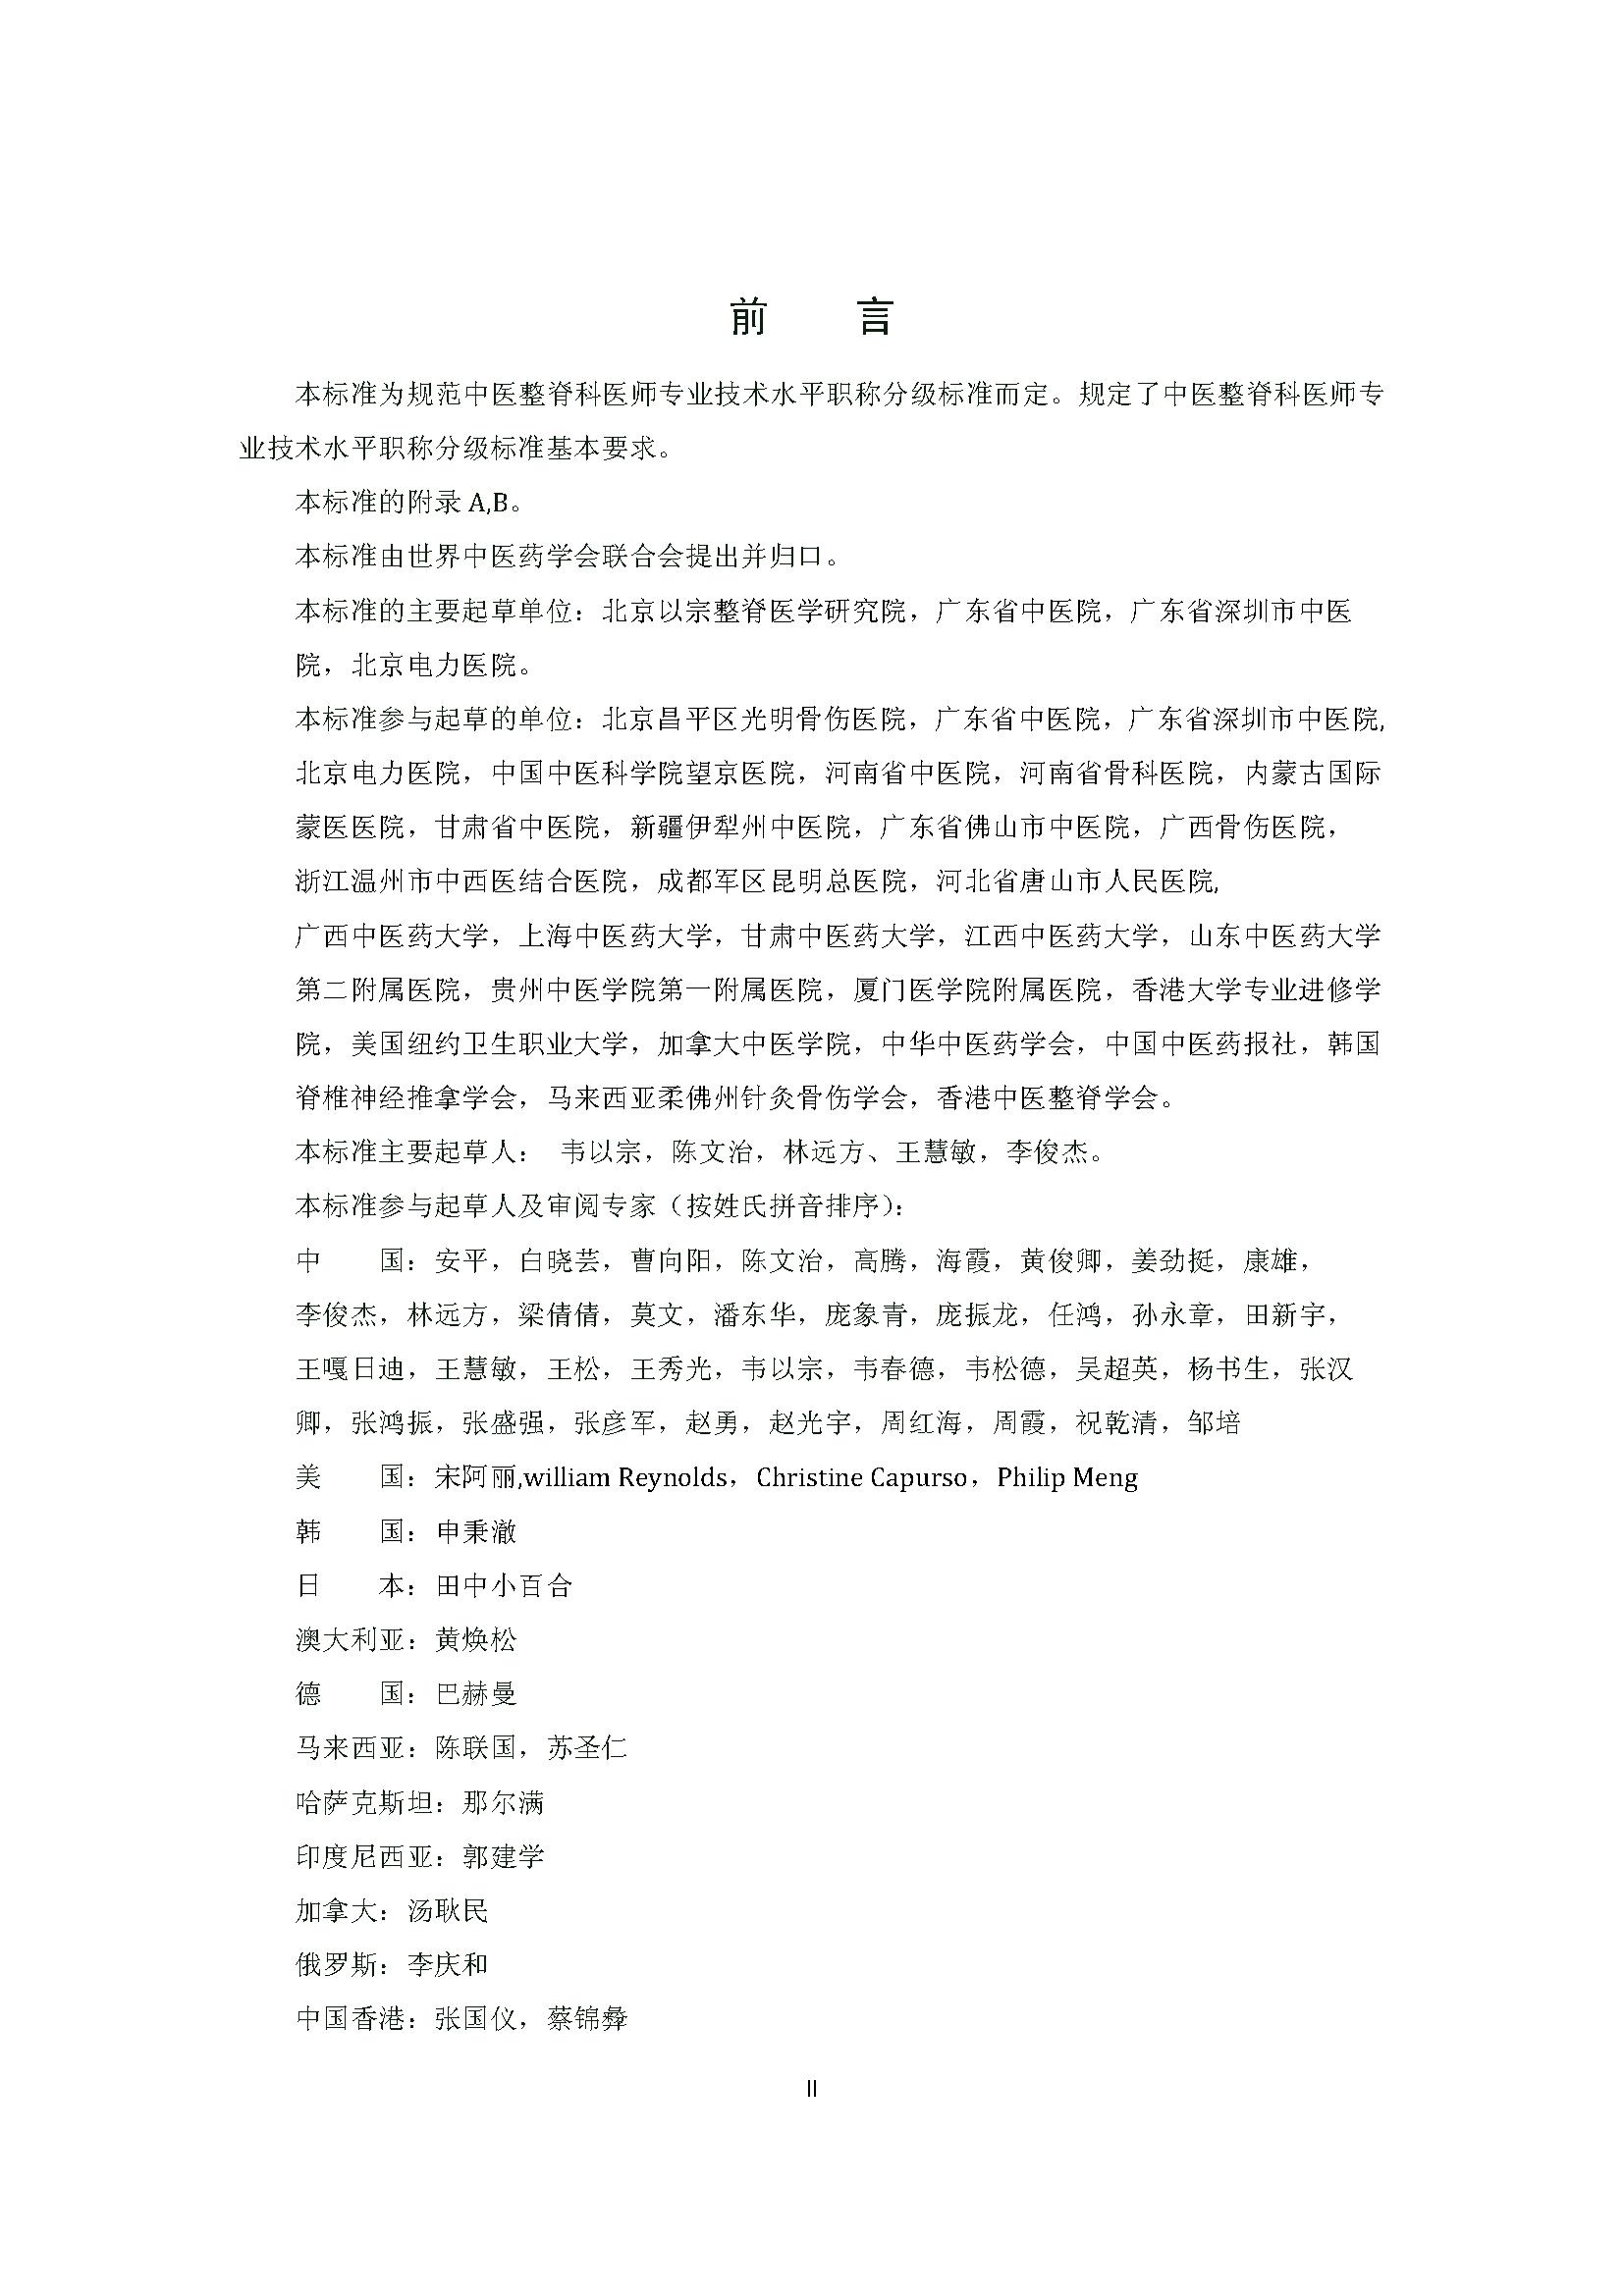 中医整脊科医师专业技术职称分级标准